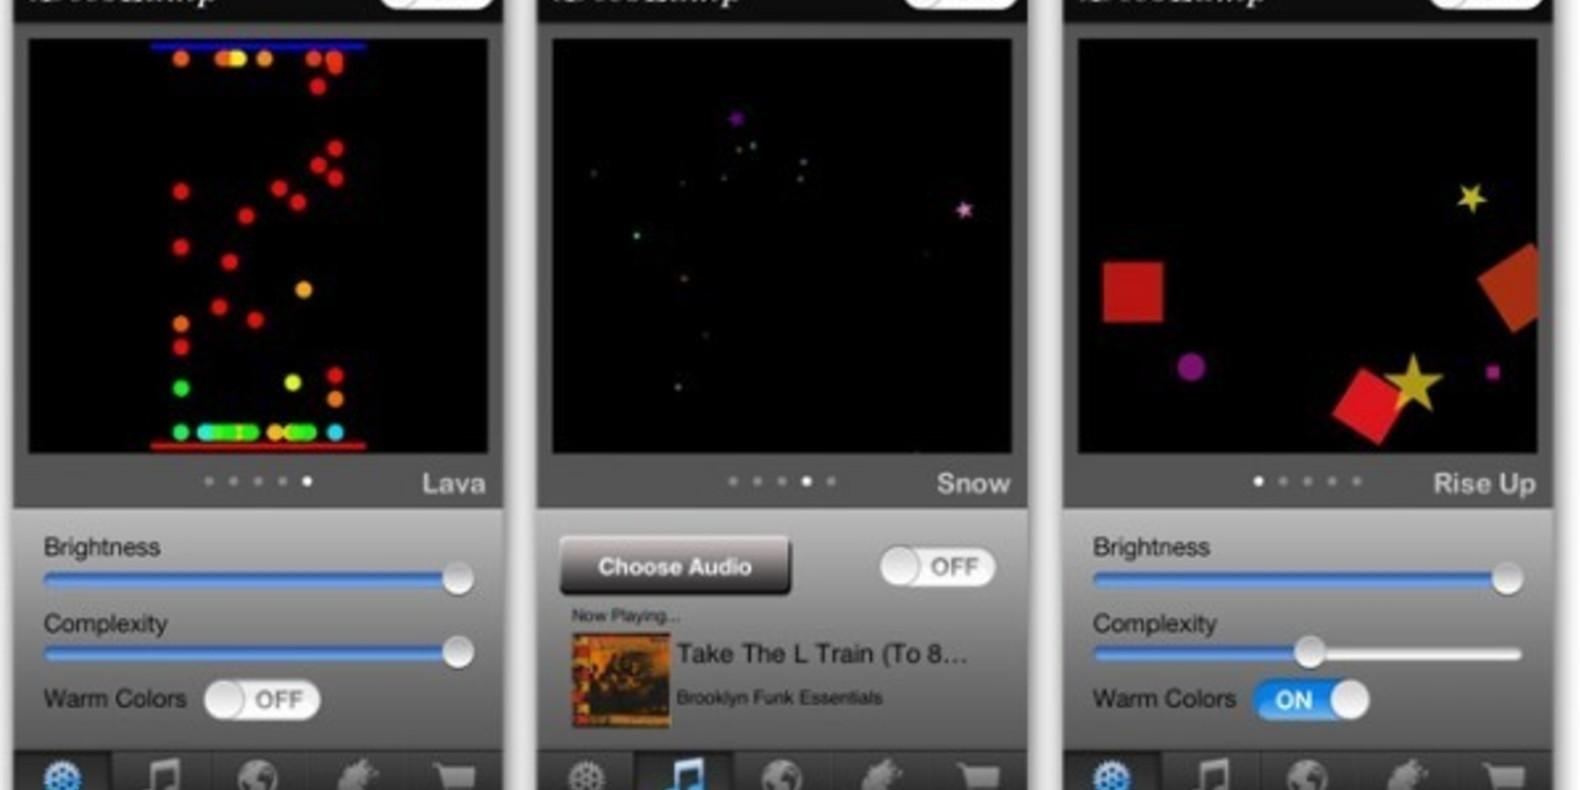 http://fichier3d.fr/wp-content/uploads/2013/09/iDecoLamp-Cults-3D-chargeur-iPhone-lampe-design-iPod-impression-3D-fichier-3D-imprimante-3D-3.jpg